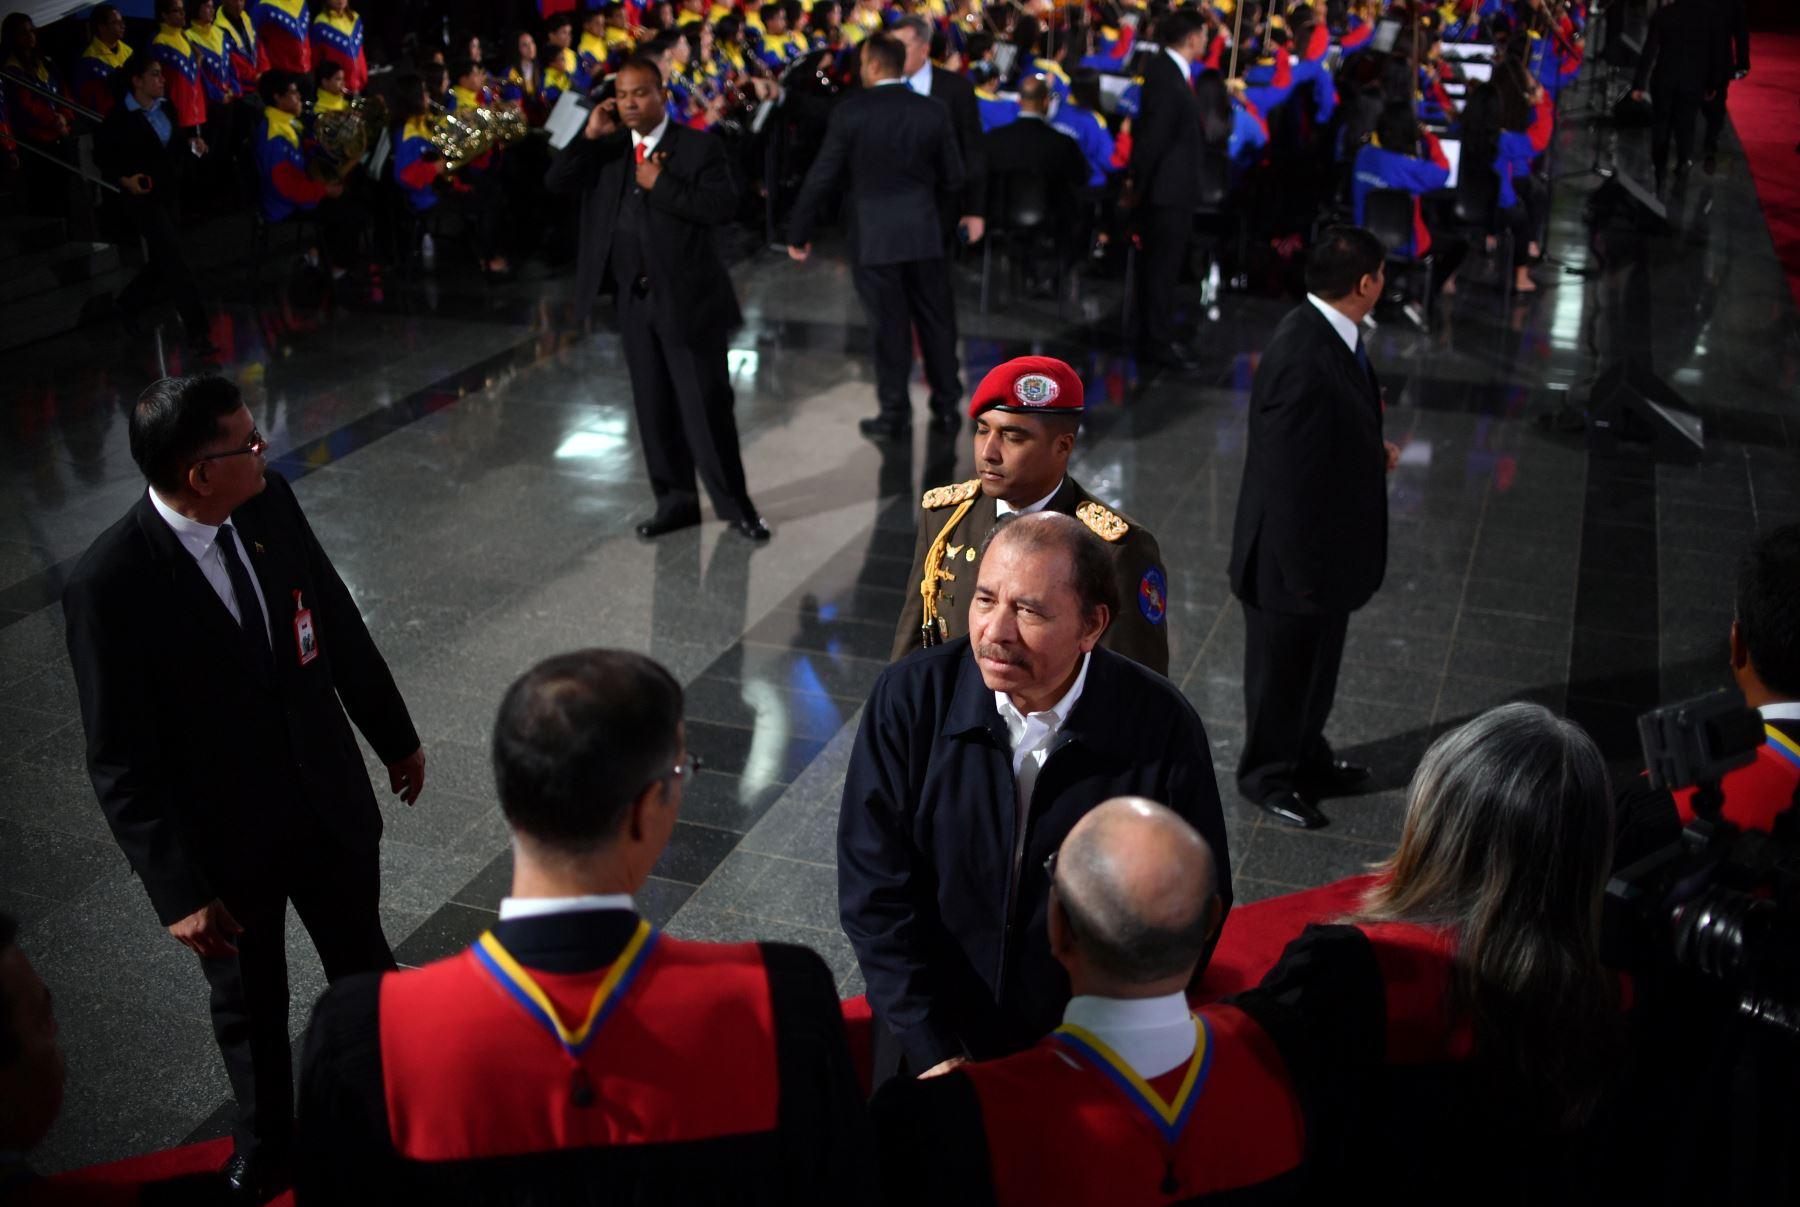 El presidente de Nicaragua, Daniel Ortega (C), saluda a los miembros de la Corte Suprema de Justicia (TSJ) a su llegada para la ceremonia de inauguración del segundo mandato del presidente de Venezuela, Nicolás Maduro.  AFP